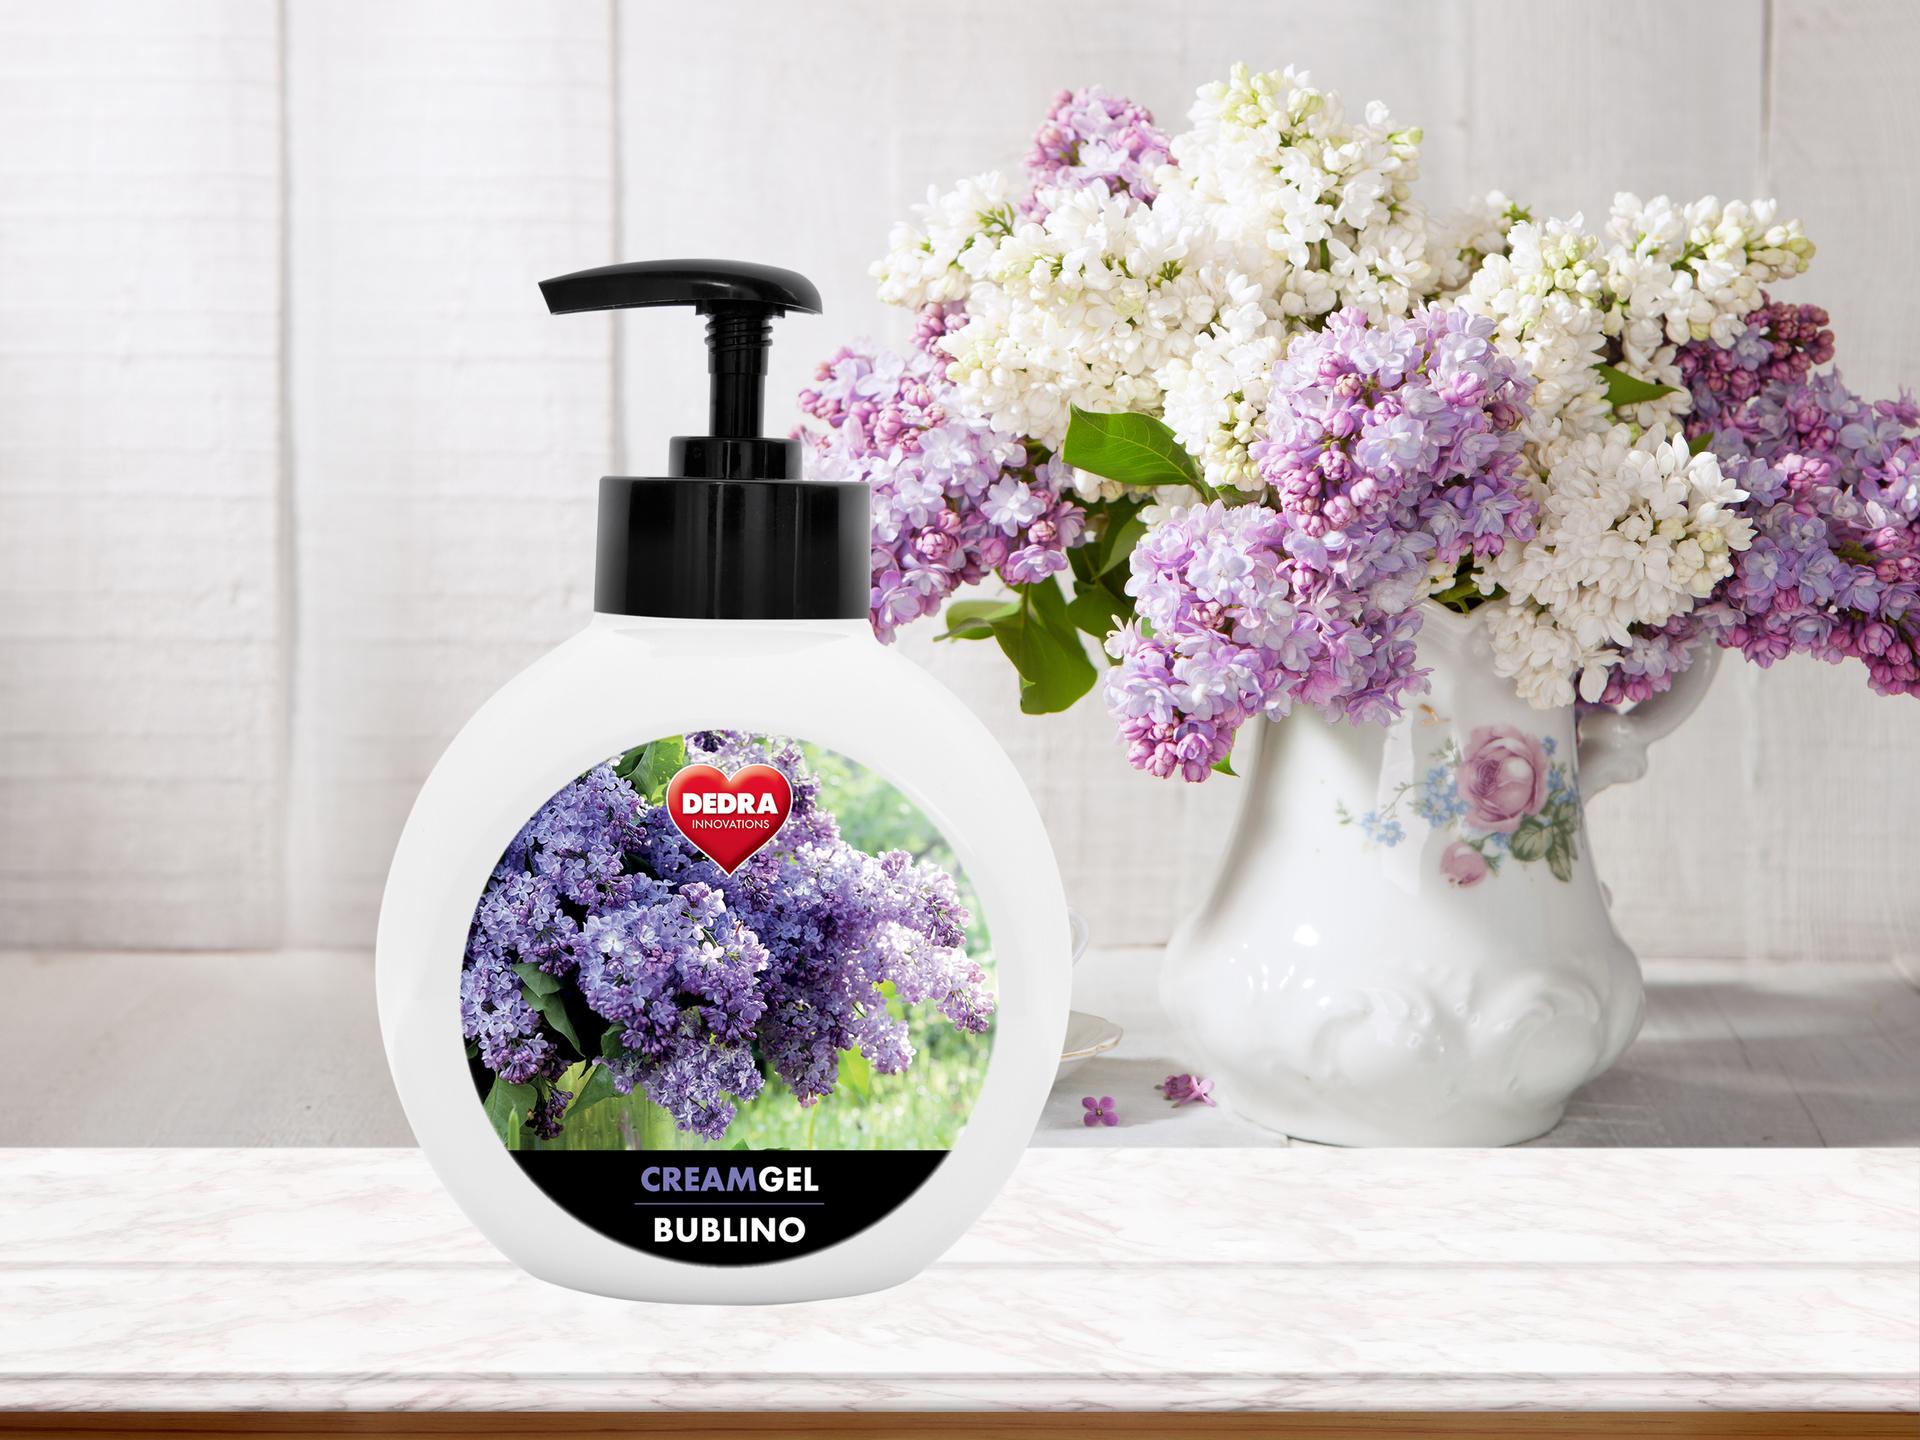 BUBLINO CREAMGEL dolce lilla, tekuté mýdlo na tělo i ruce, s pumpičkou